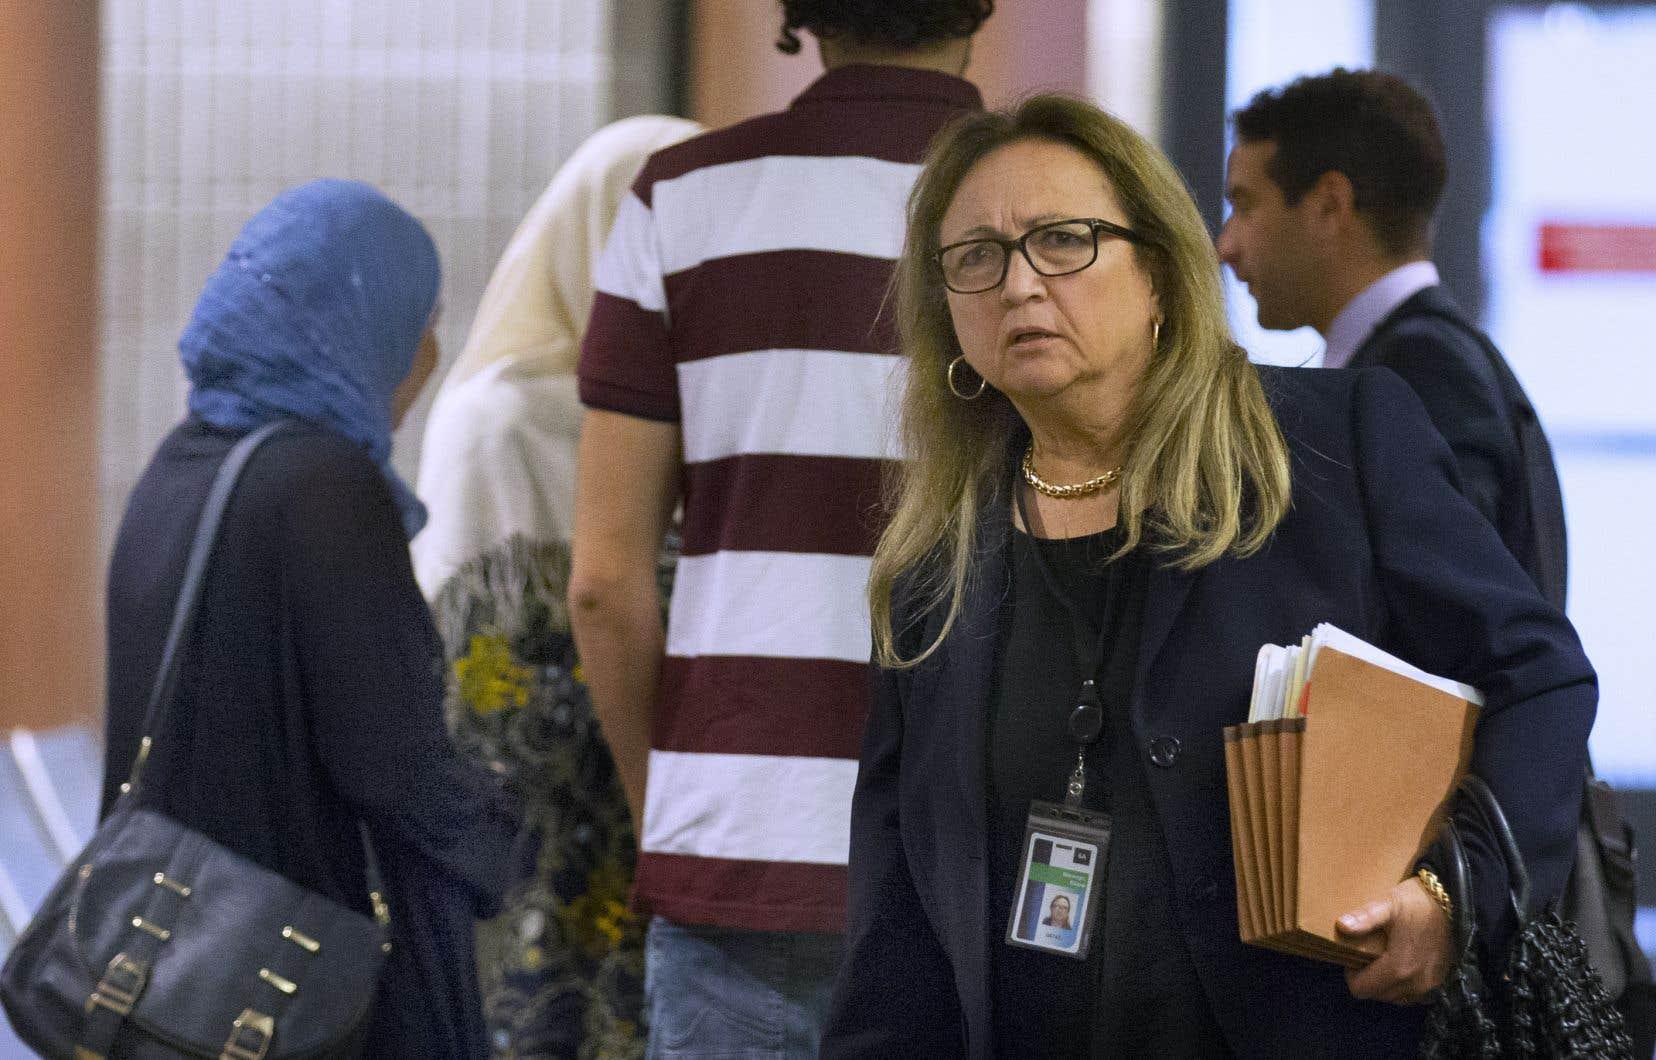 La juge Eliana Marengo conteste l'enquête disciplinaire menée sur elle par le Conseil de la magistrature.